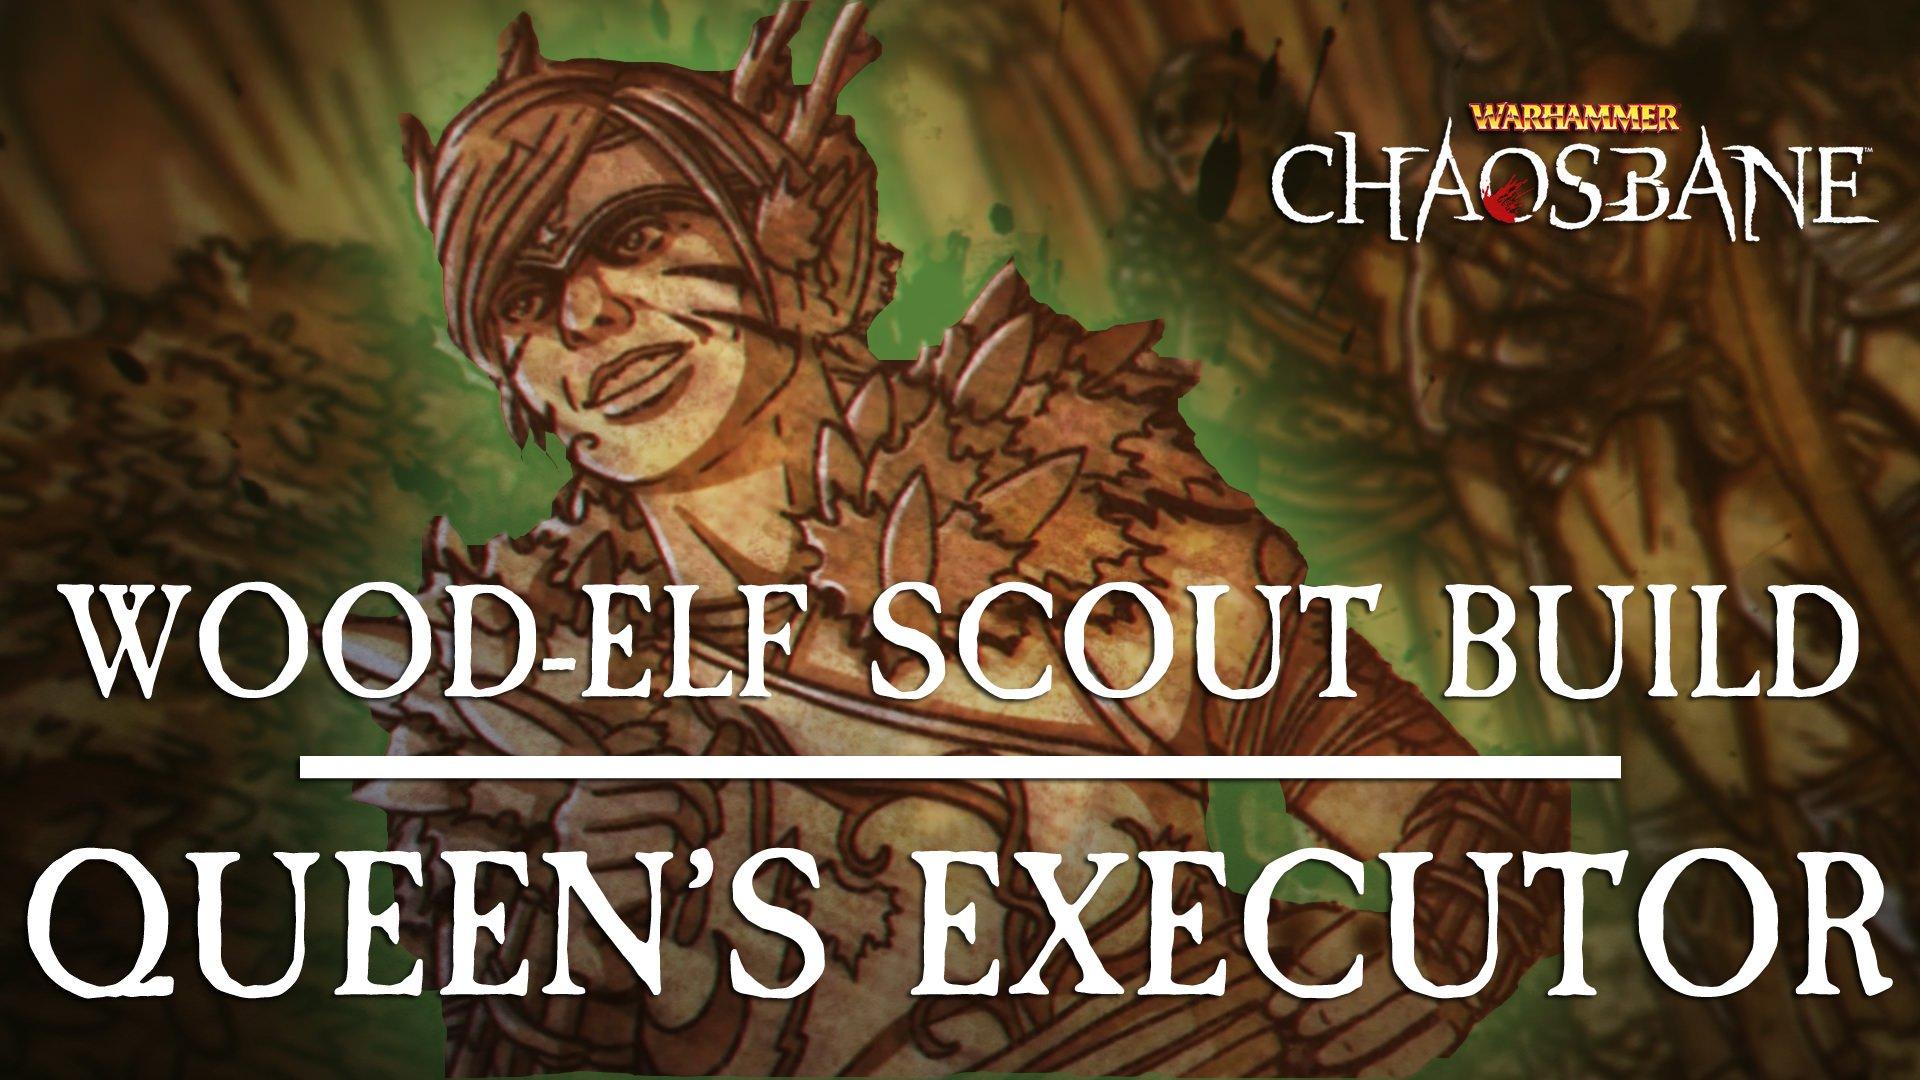 größte Auswahl niedrigerer Preis mit ungleich in der Leistung Warhammer Chaosbane Builds: Queen's Executor (Wood Elf Scout ...